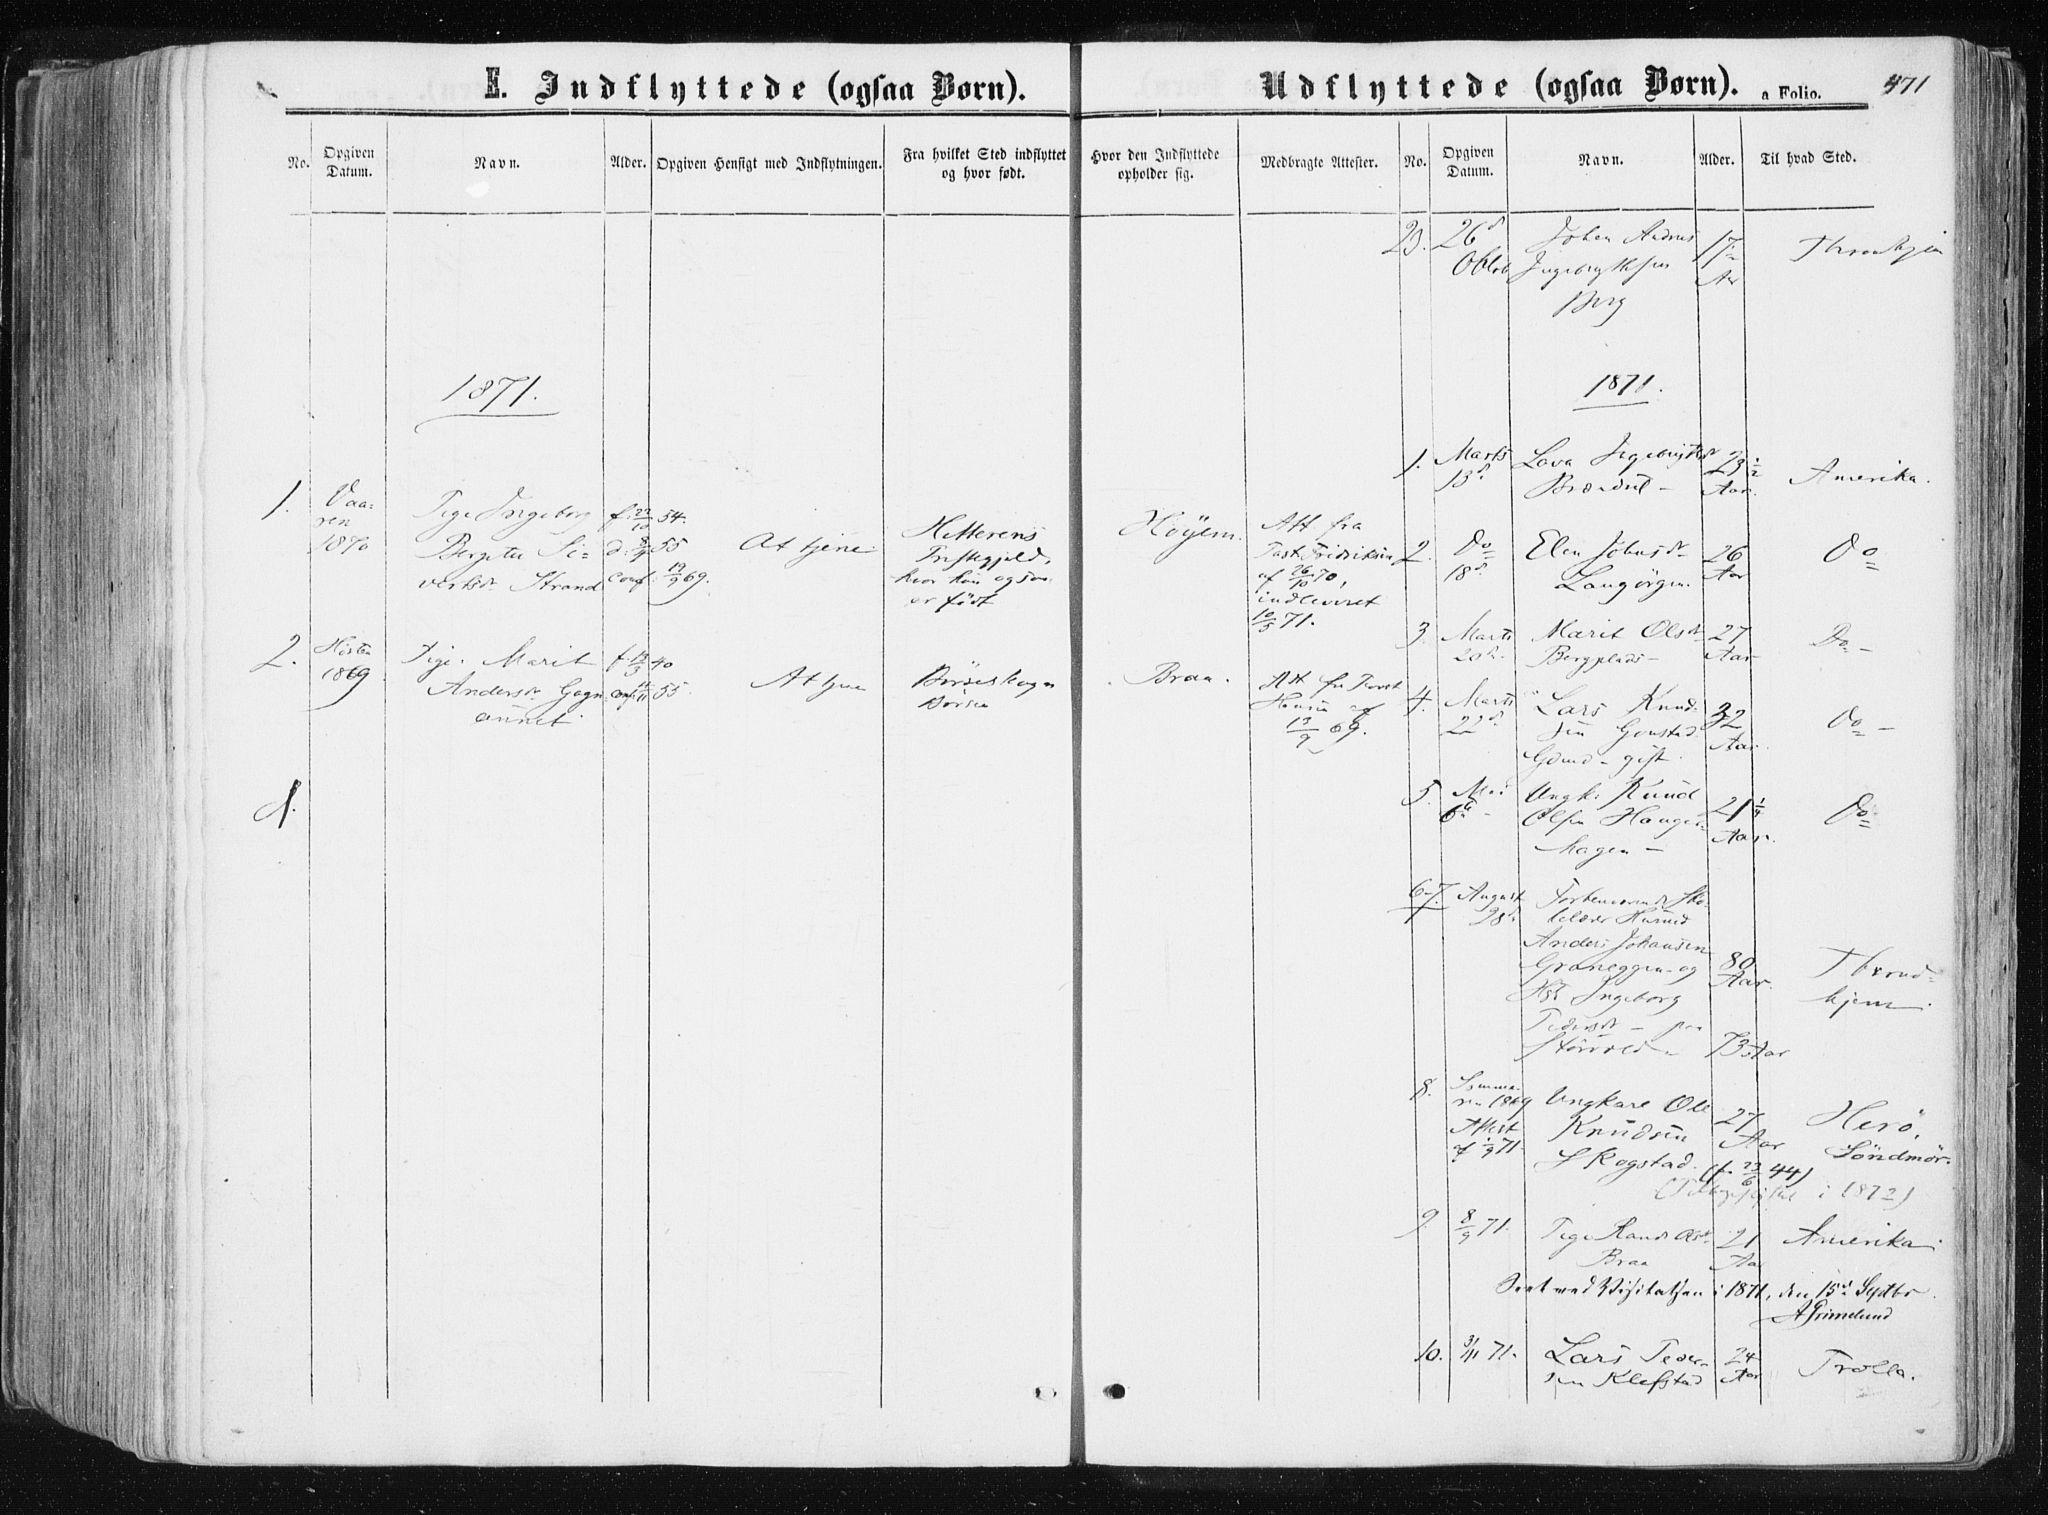 SAT, Ministerialprotokoller, klokkerbøker og fødselsregistre - Sør-Trøndelag, 612/L0377: Ministerialbok nr. 612A09, 1859-1877, s. 471